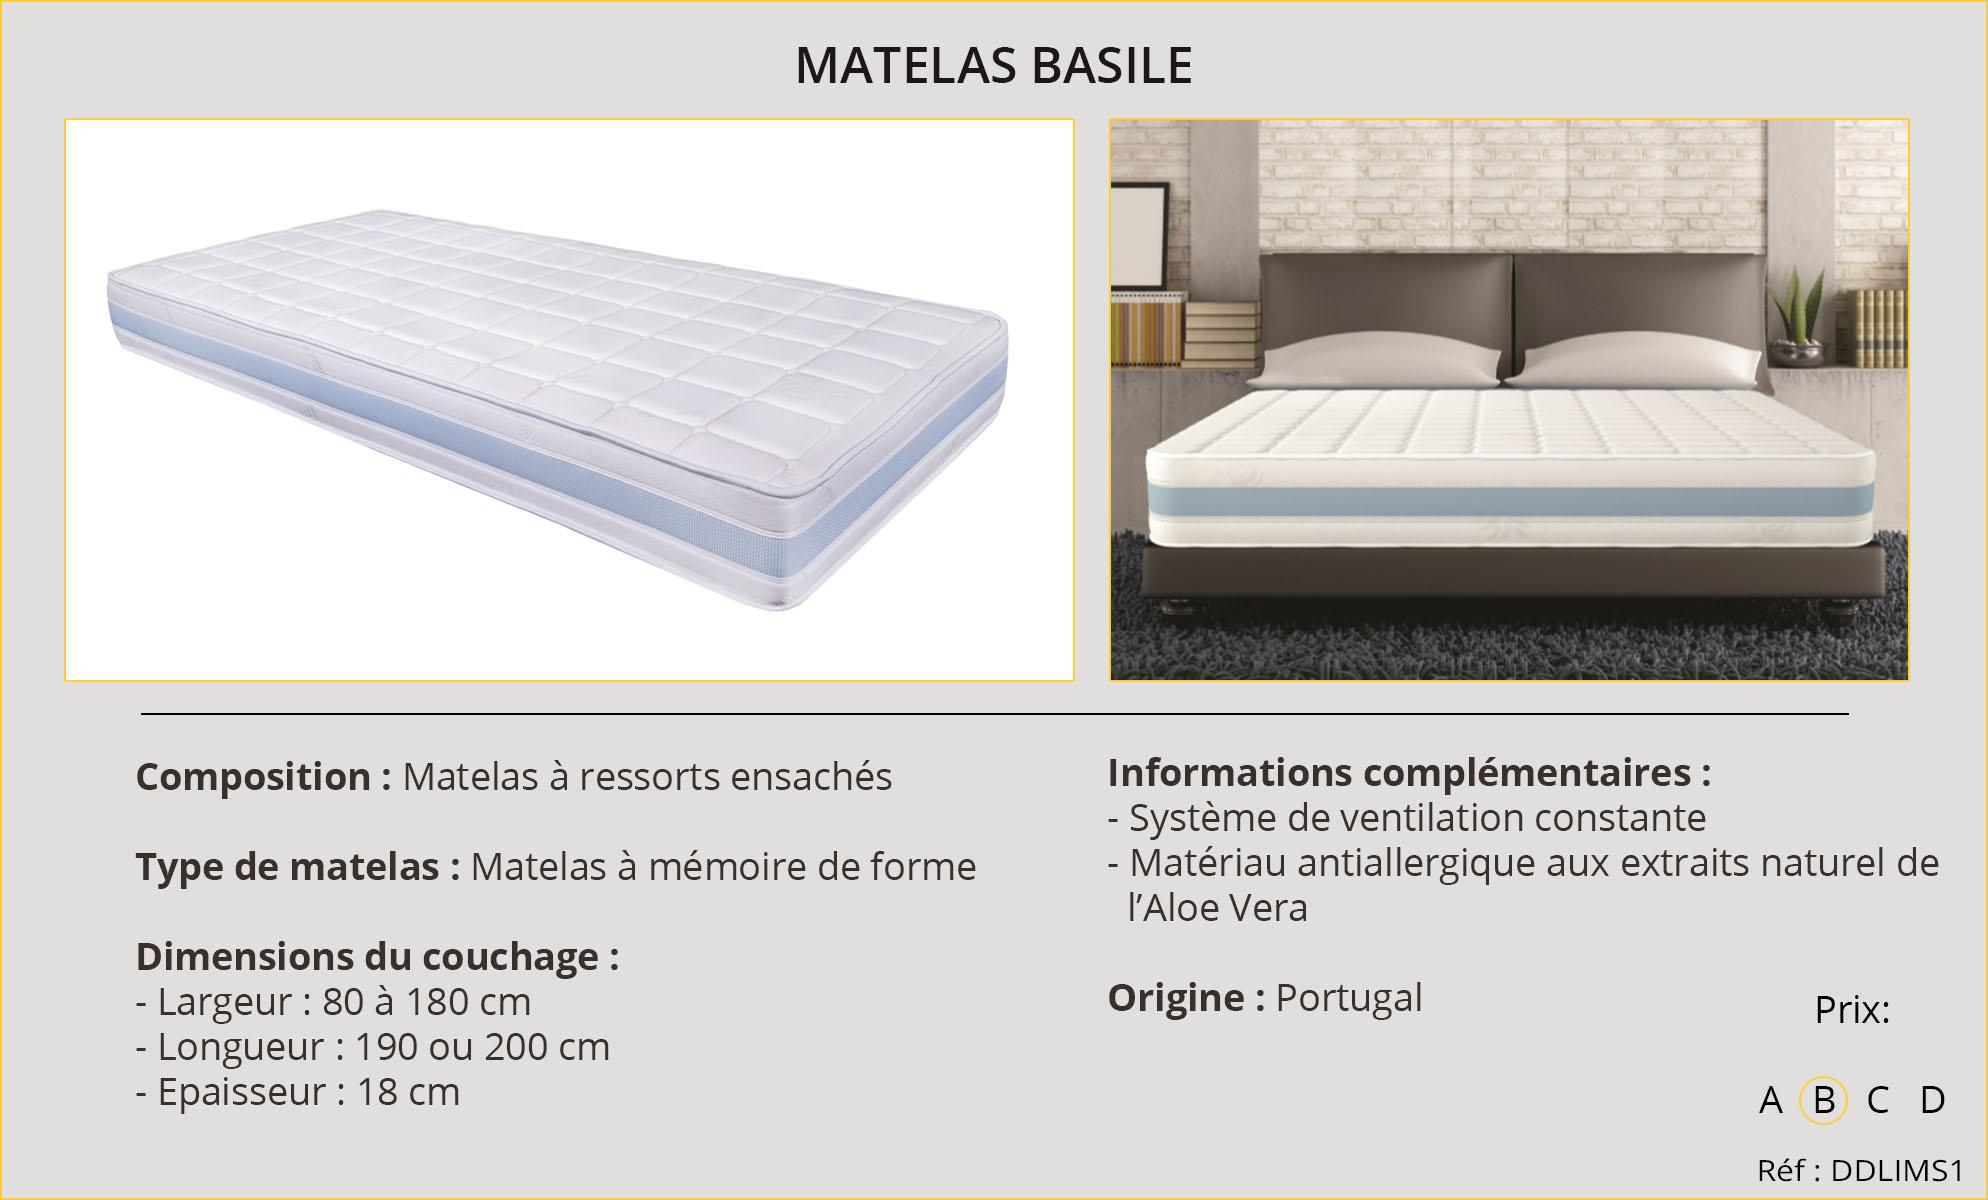 Rideaux-Hôtel Matelas Basile